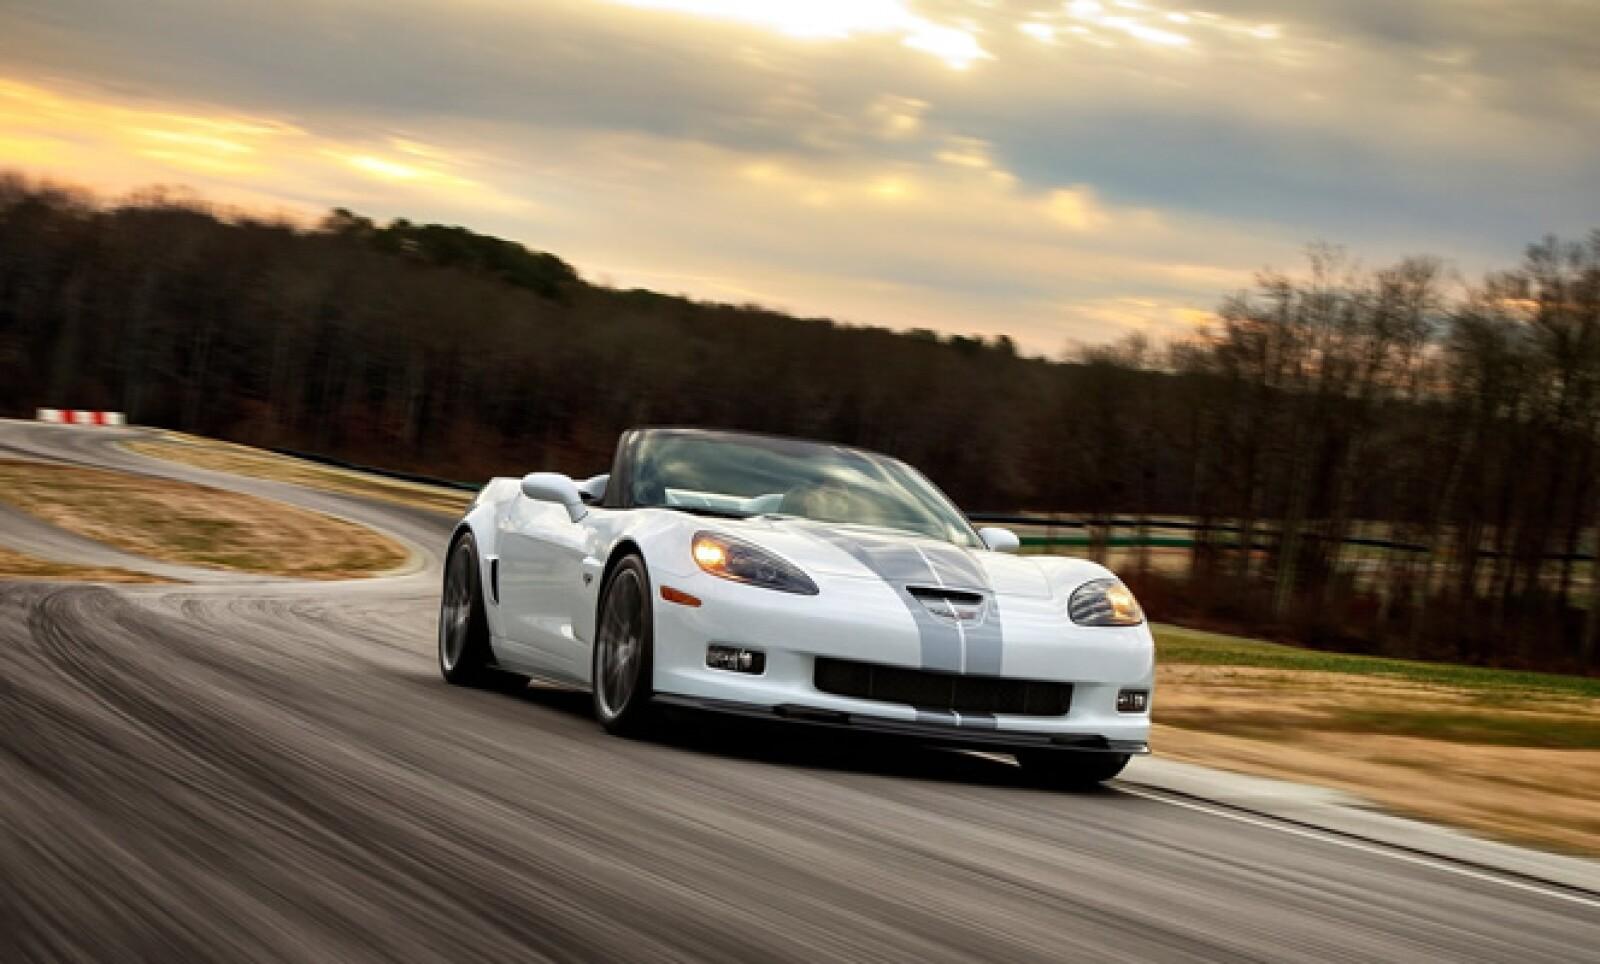 Chevrolet celebra seis décadas de producción ininterrumpida del legendario auto deportivo que ha hecho historia, Corvette, y lo hace con una edición especial conmemorativa.